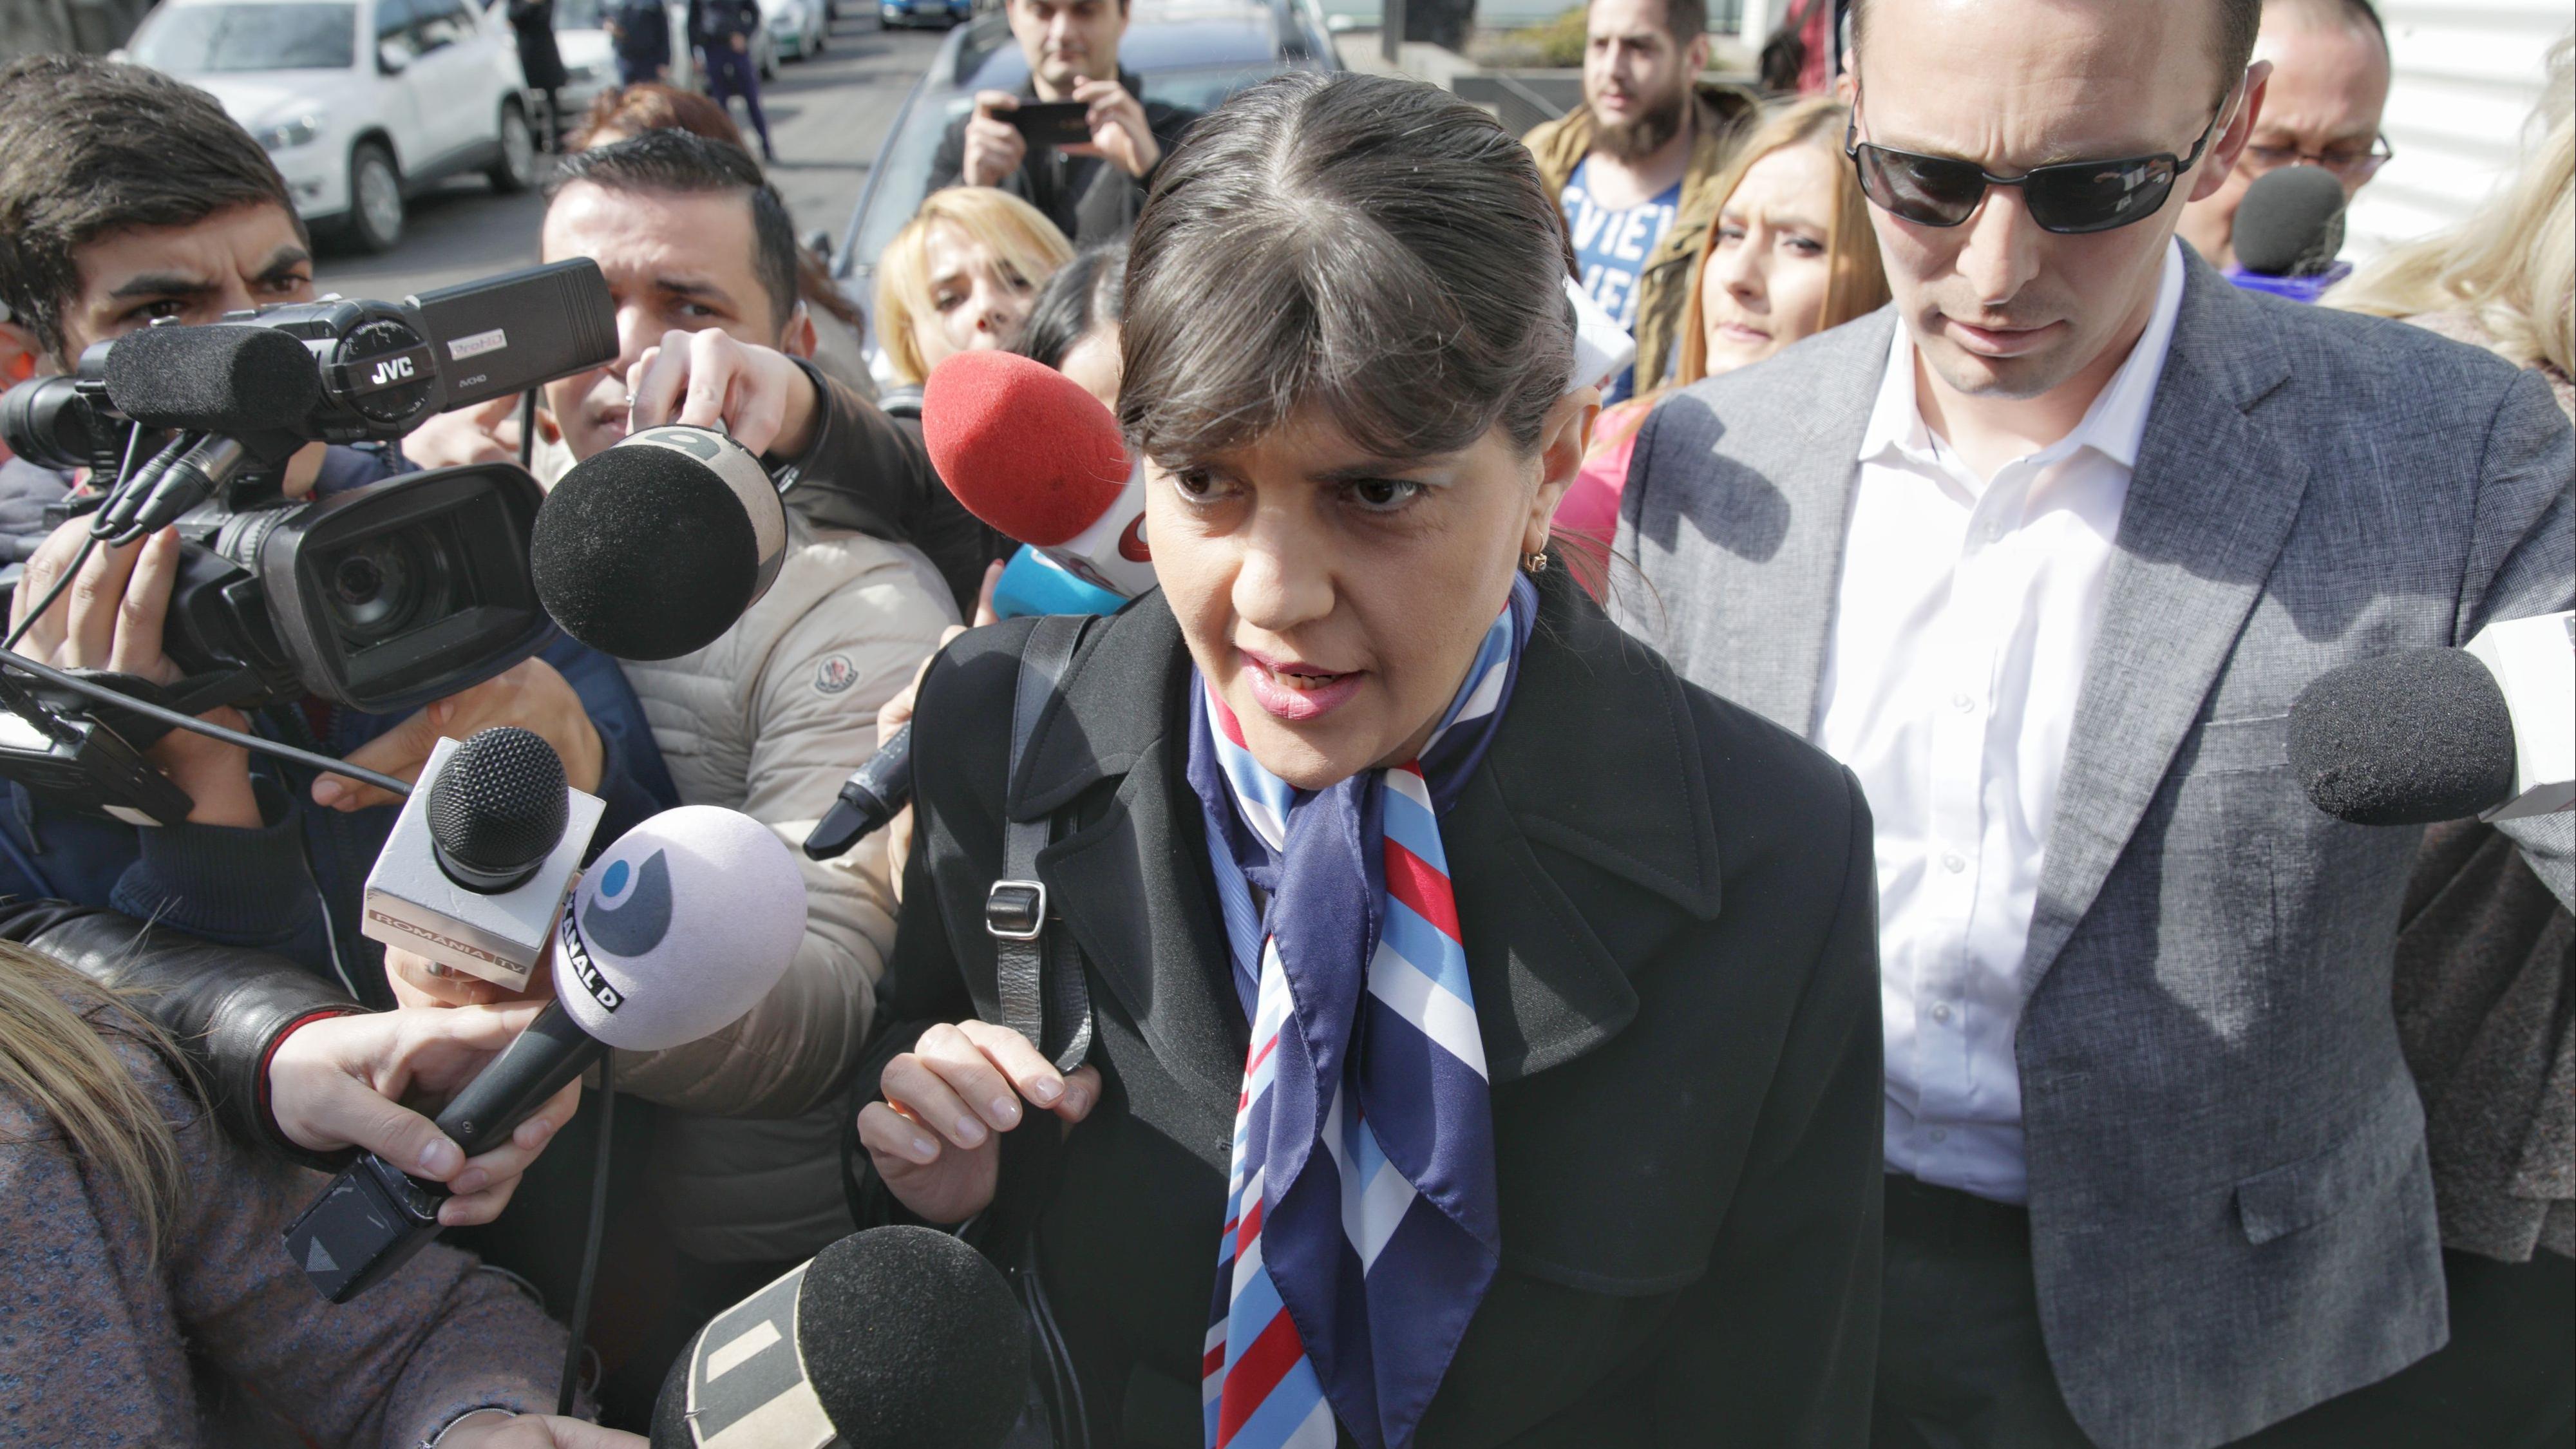 Kovesi, încă o lovitură! Susținută și de Bulgaria pentru șefia Parchetului European